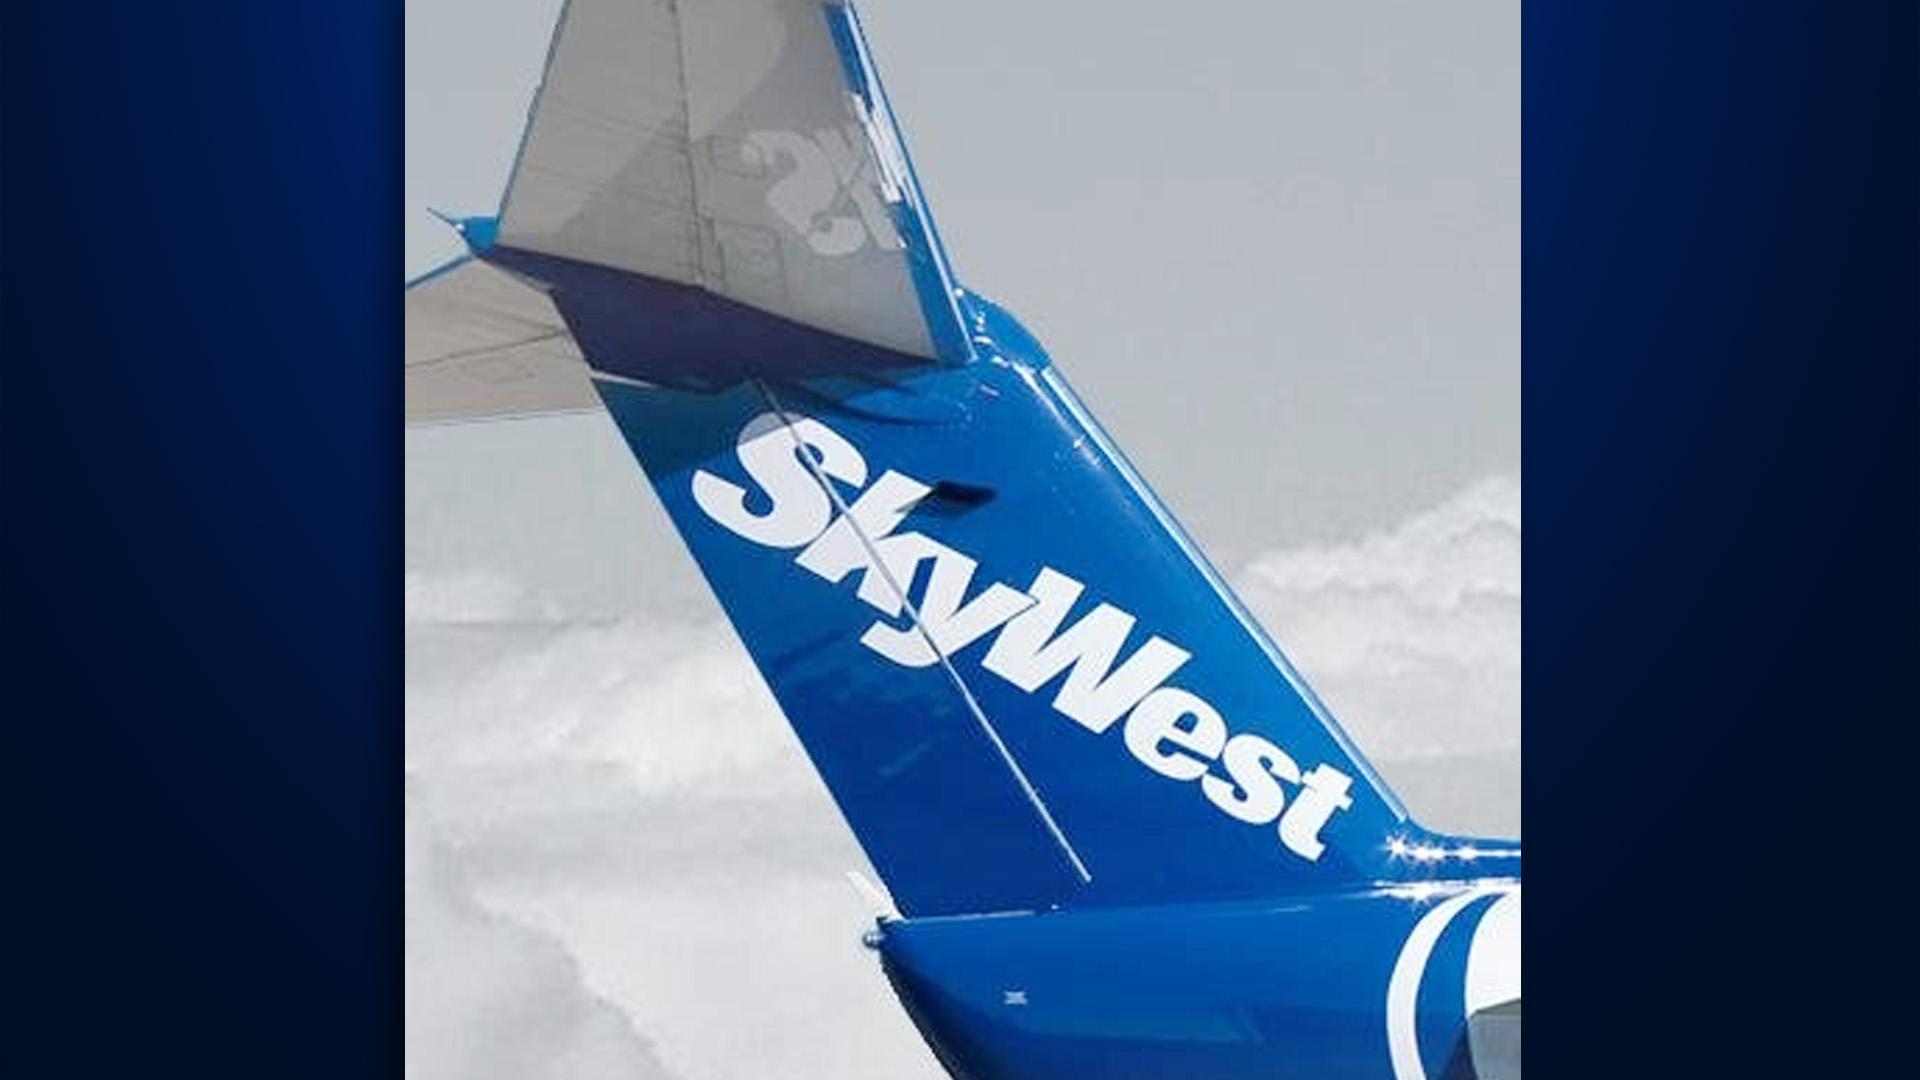 KELO SkyWest airline